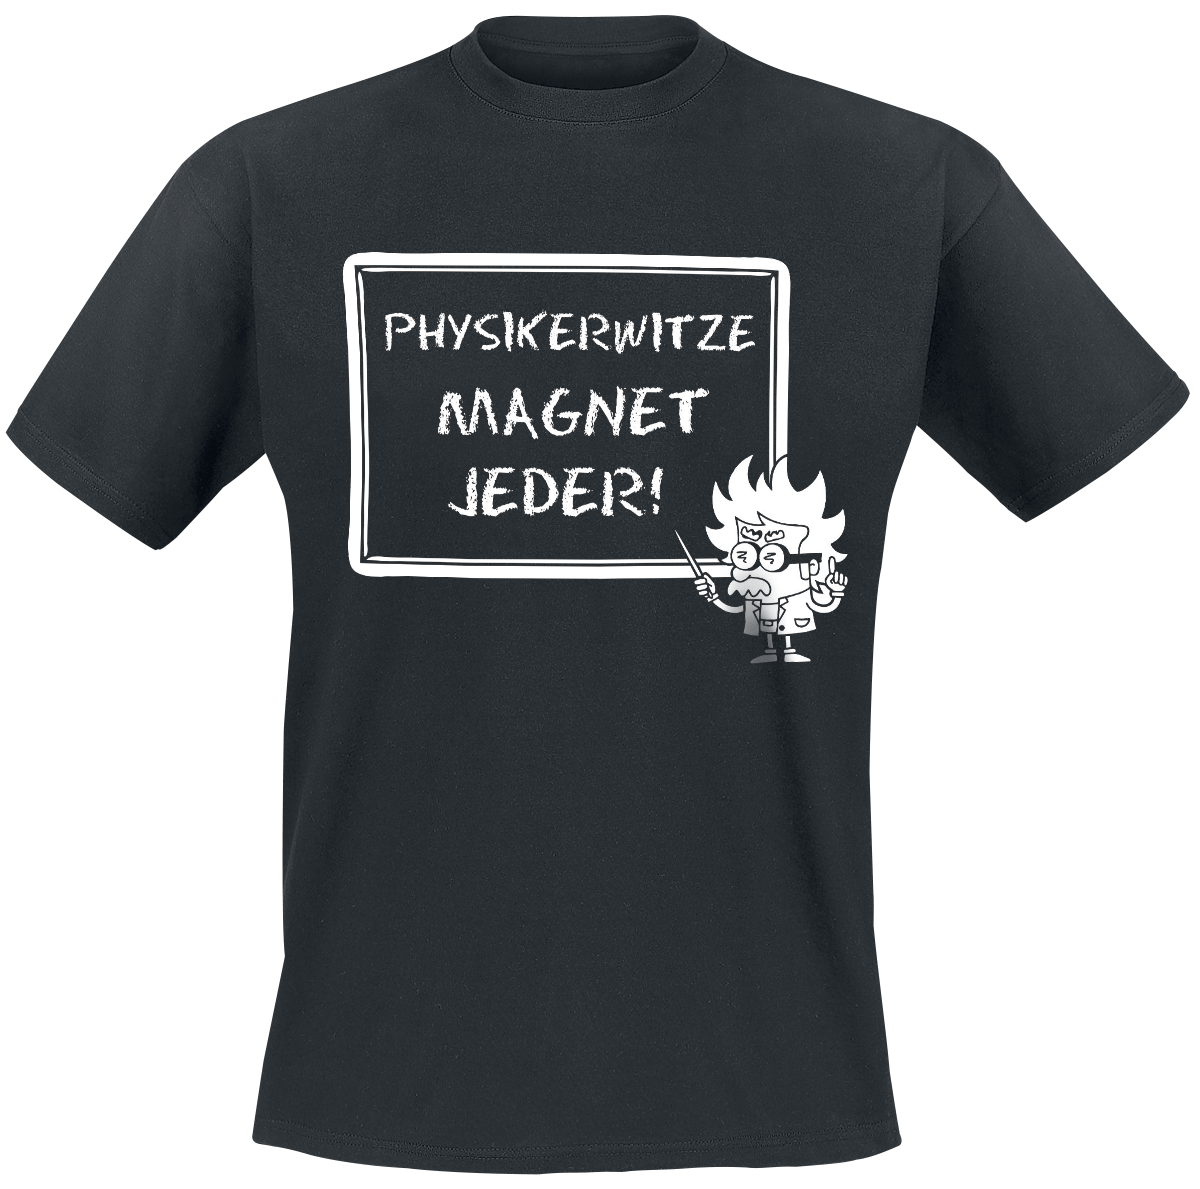 Physikerwitze Magnet Jeder! -  - T-Shirt - schwarz - EMP Exklusiv!